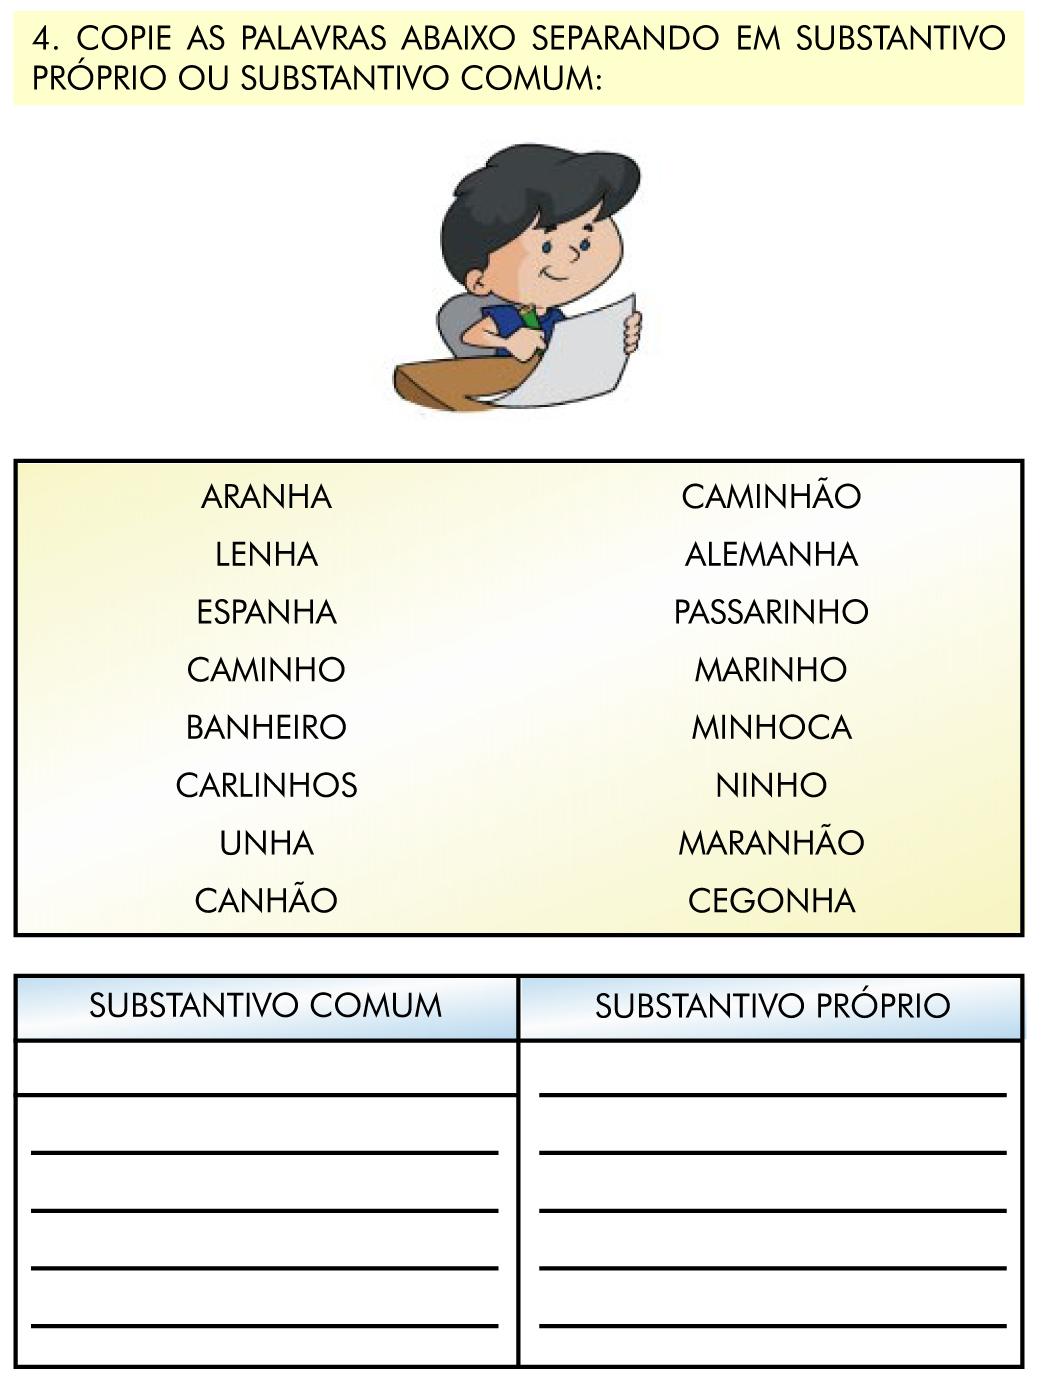 30 Substantivos comuns